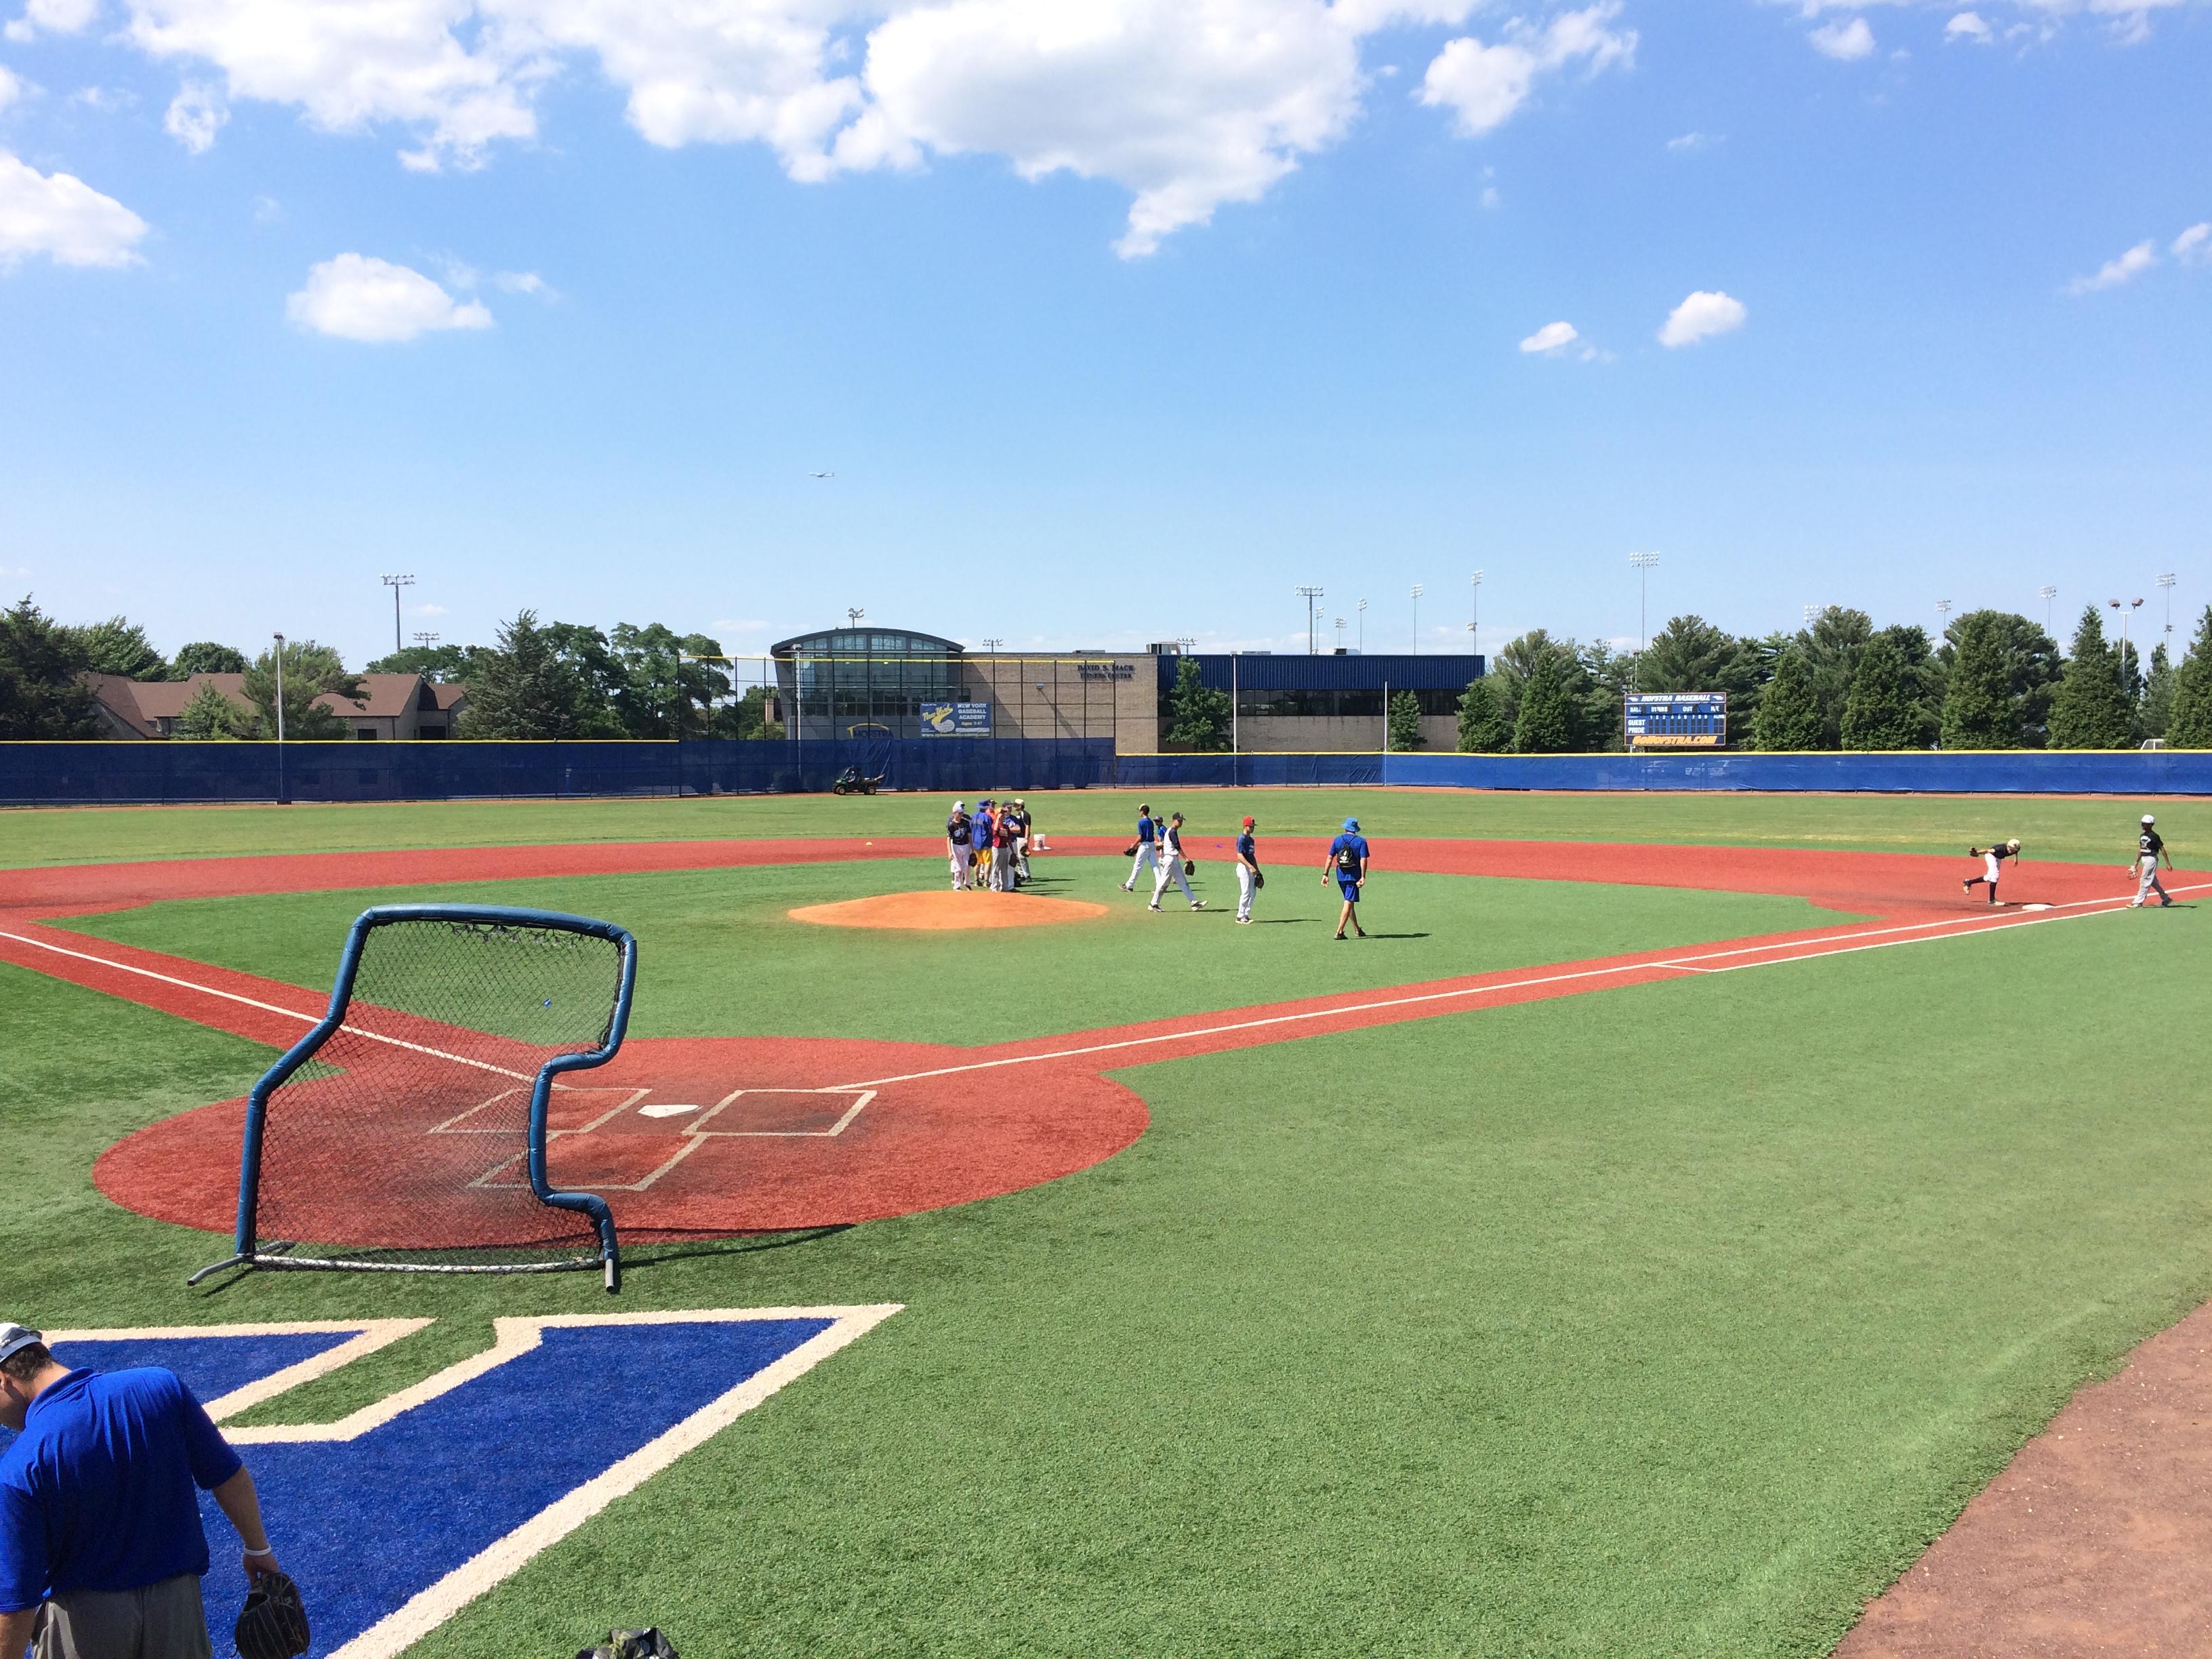 Long Island Baseball Academy